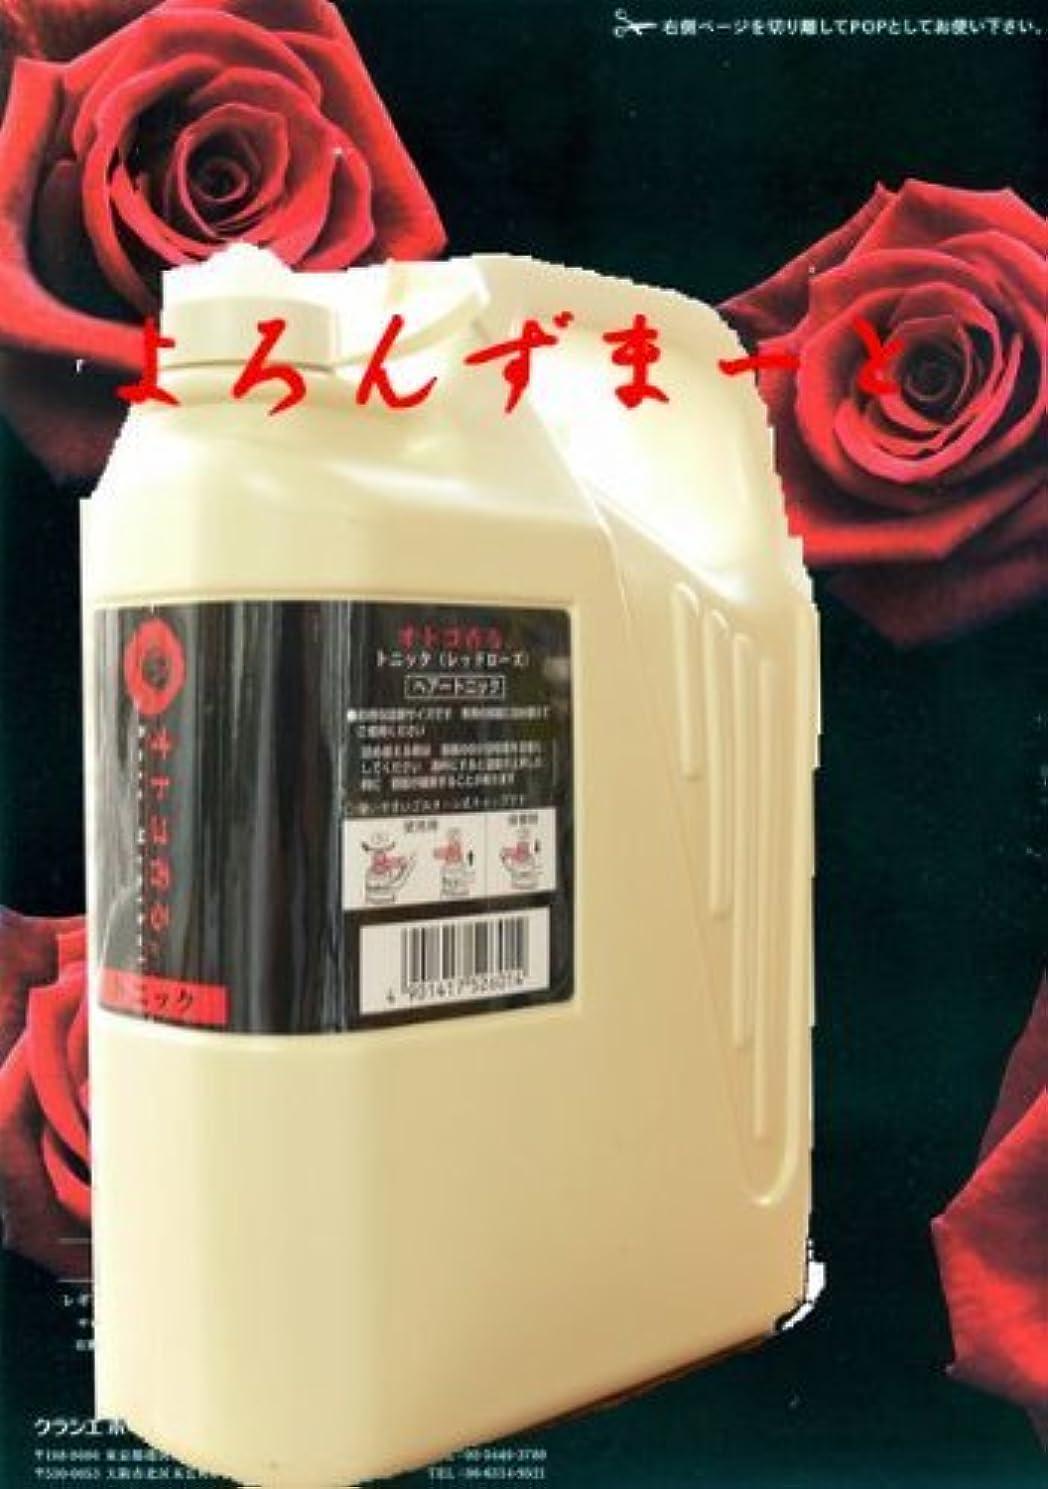 レディグローブカーペットクラシエ オトコ香る トニック(レッドローズ) 1050ml 詰替え用(レフィル)